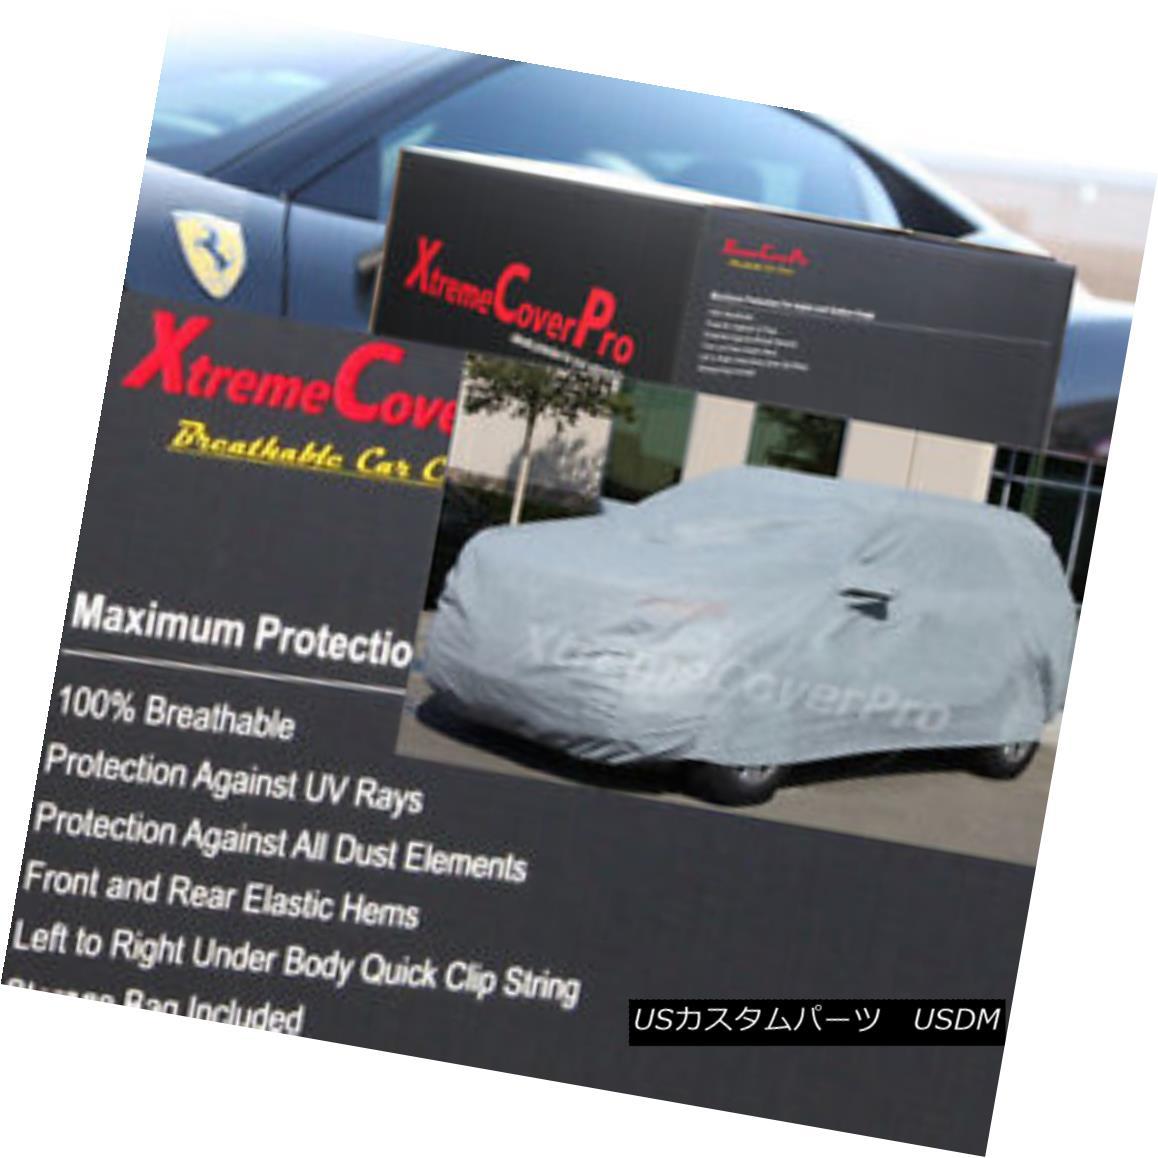 カーカバー 2010 2011 2012 Volvo XC60 Breathable Car Cover w/MirrorPocket MirrorPocketを搭載した2010年の2012年のボルボXC60通気性車カバー